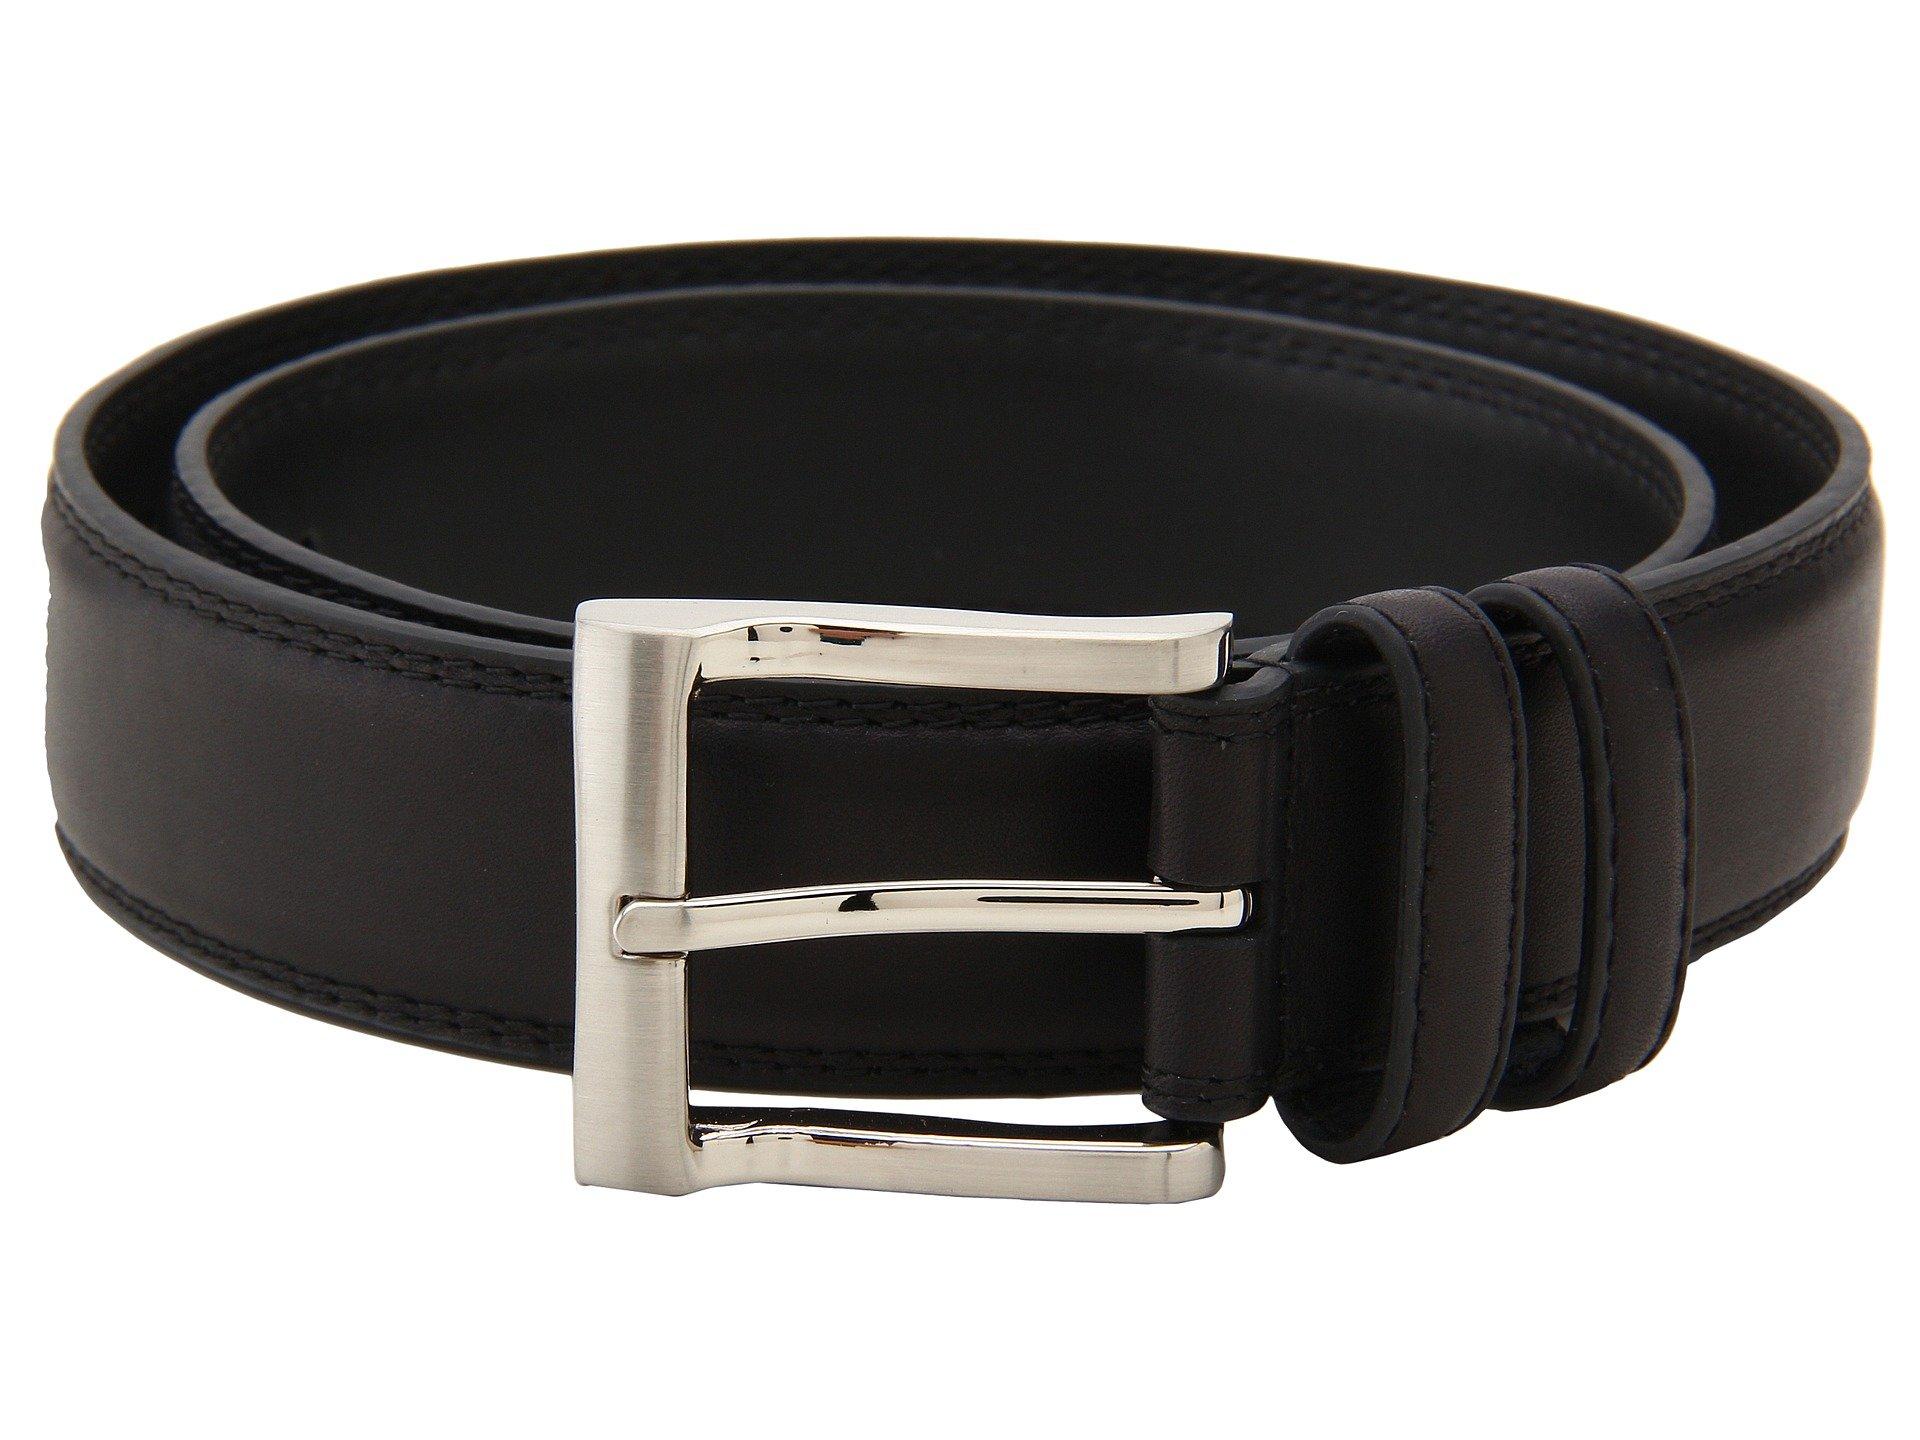 Correa o Cinturon para Hombre Florsheim 1180  + Florsheim en VeoyCompro.net